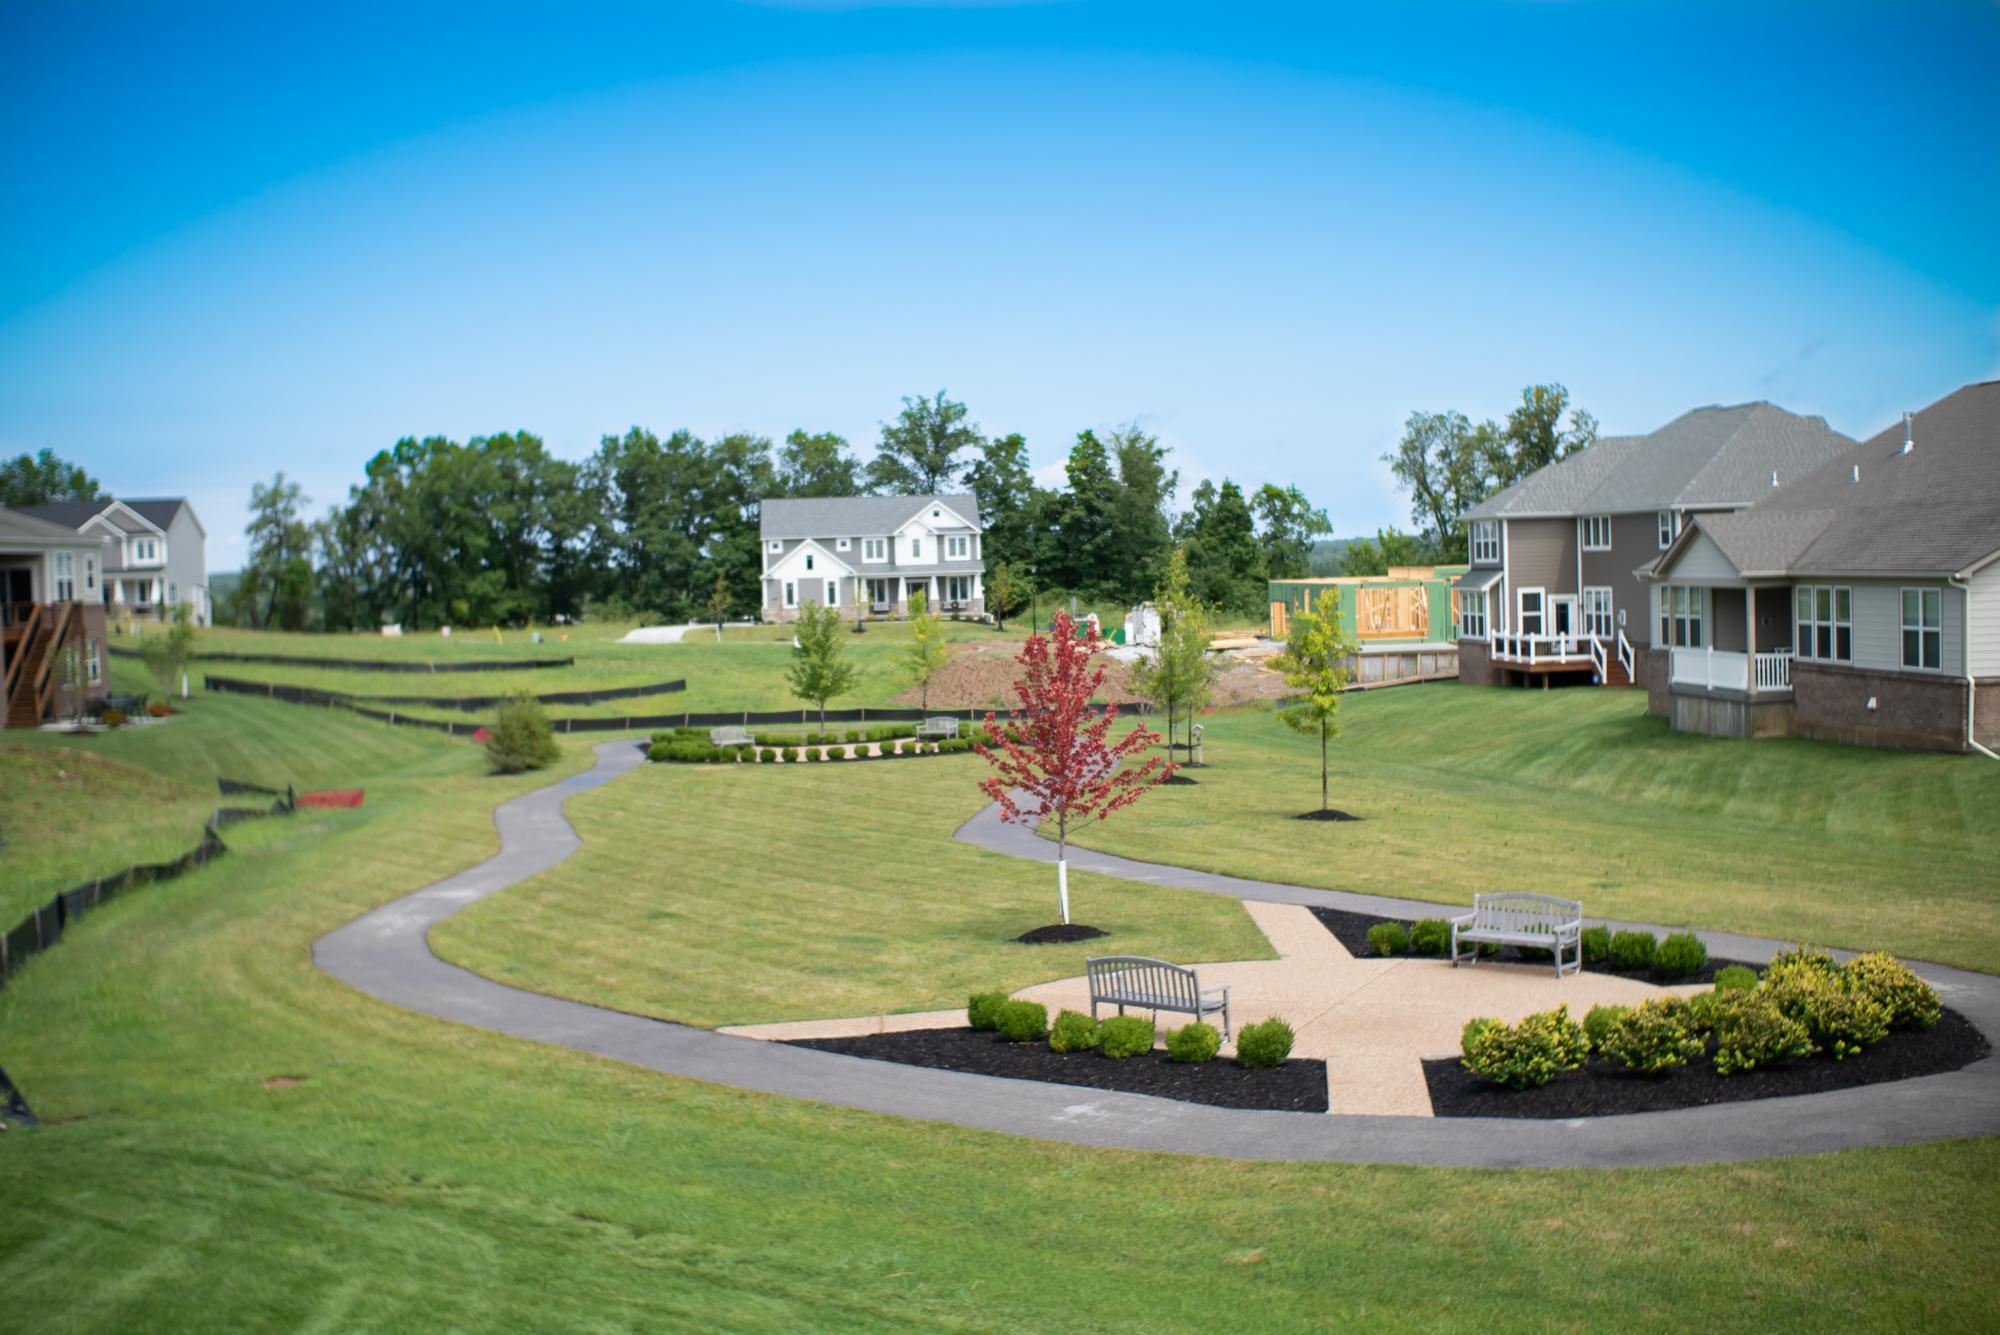 'Bur Oaks' by McKelvey Homes in St. Louis